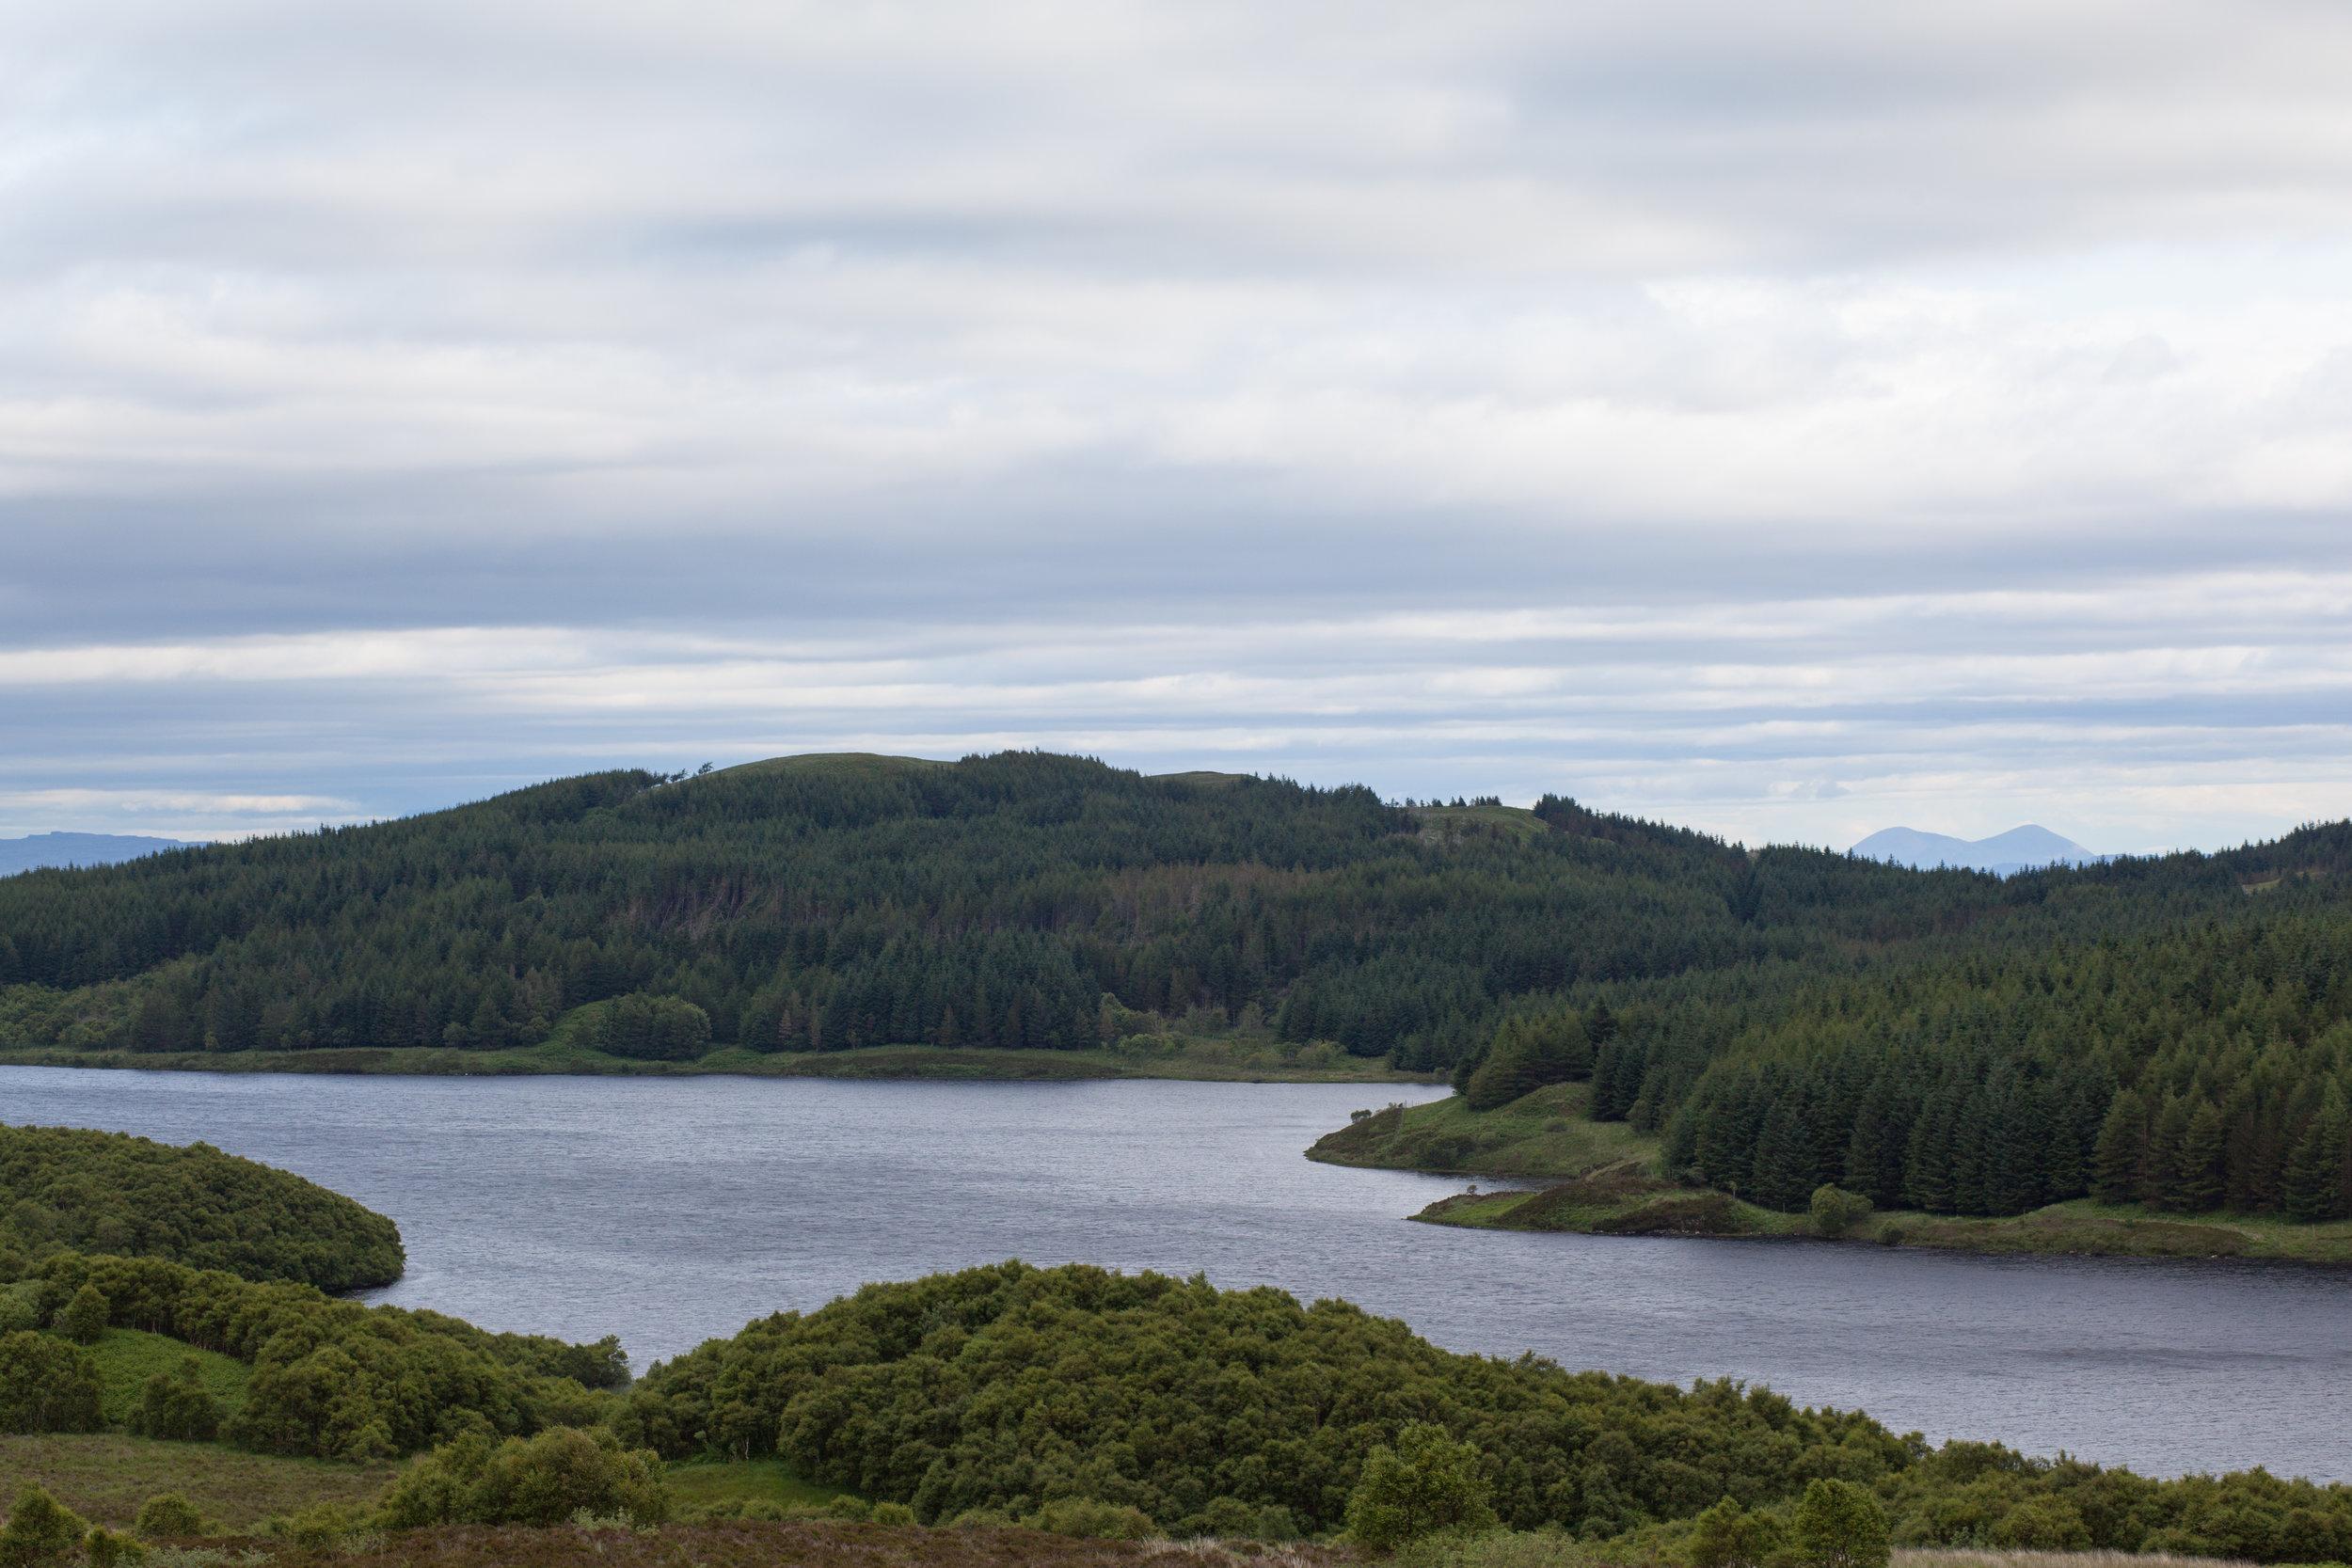 A loch in Scotland.